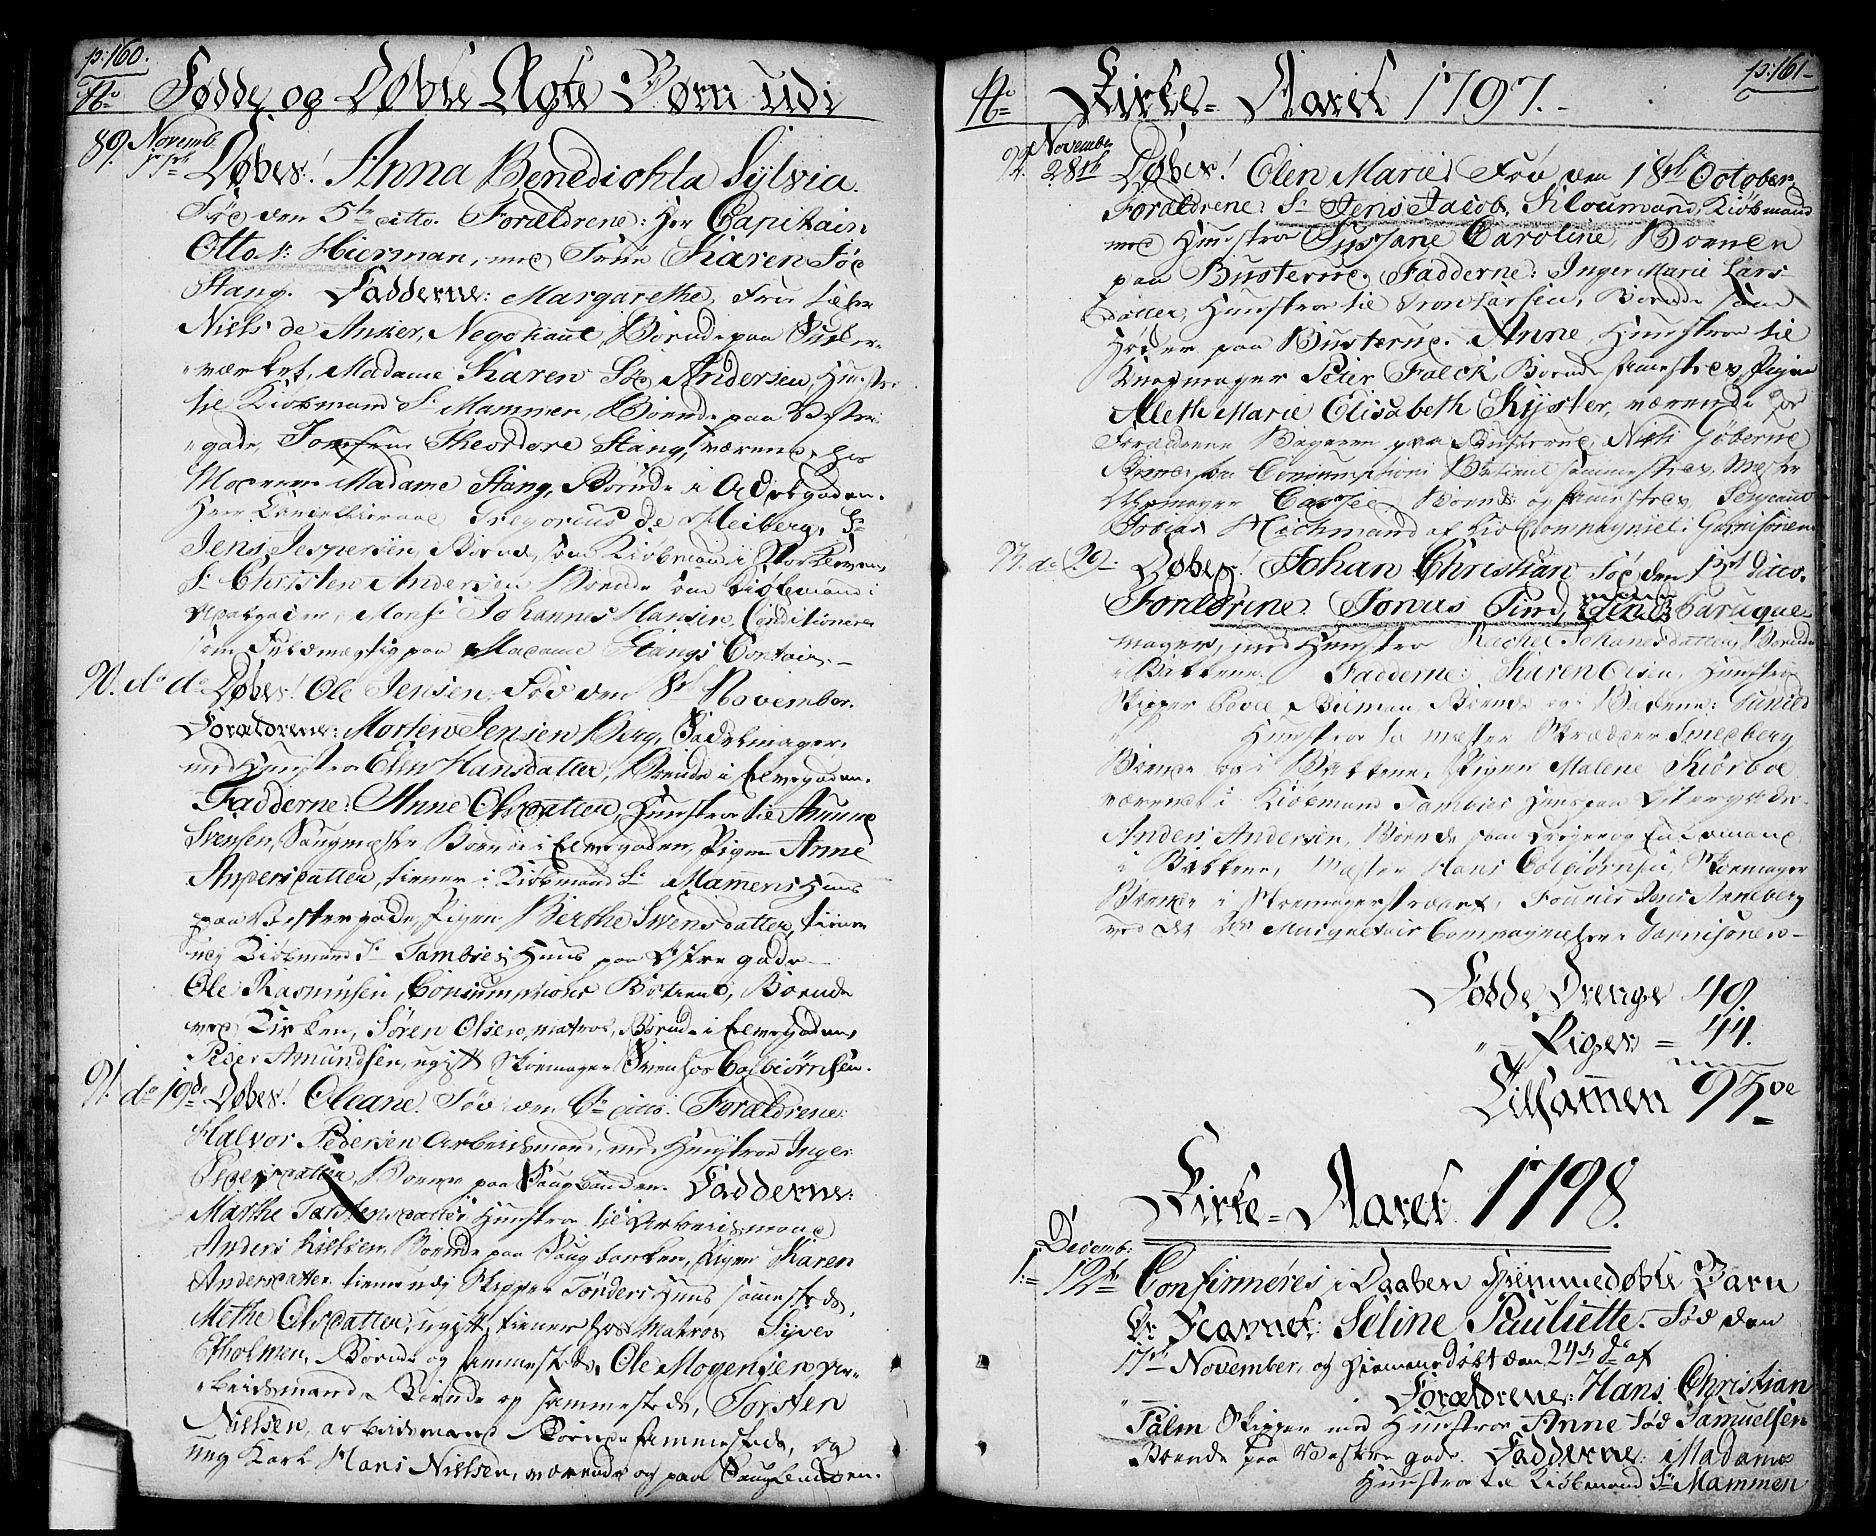 SAO, Halden prestekontor Kirkebøker, F/Fa/L0002: Ministerialbok nr. I 2, 1792-1812, s. 160-161